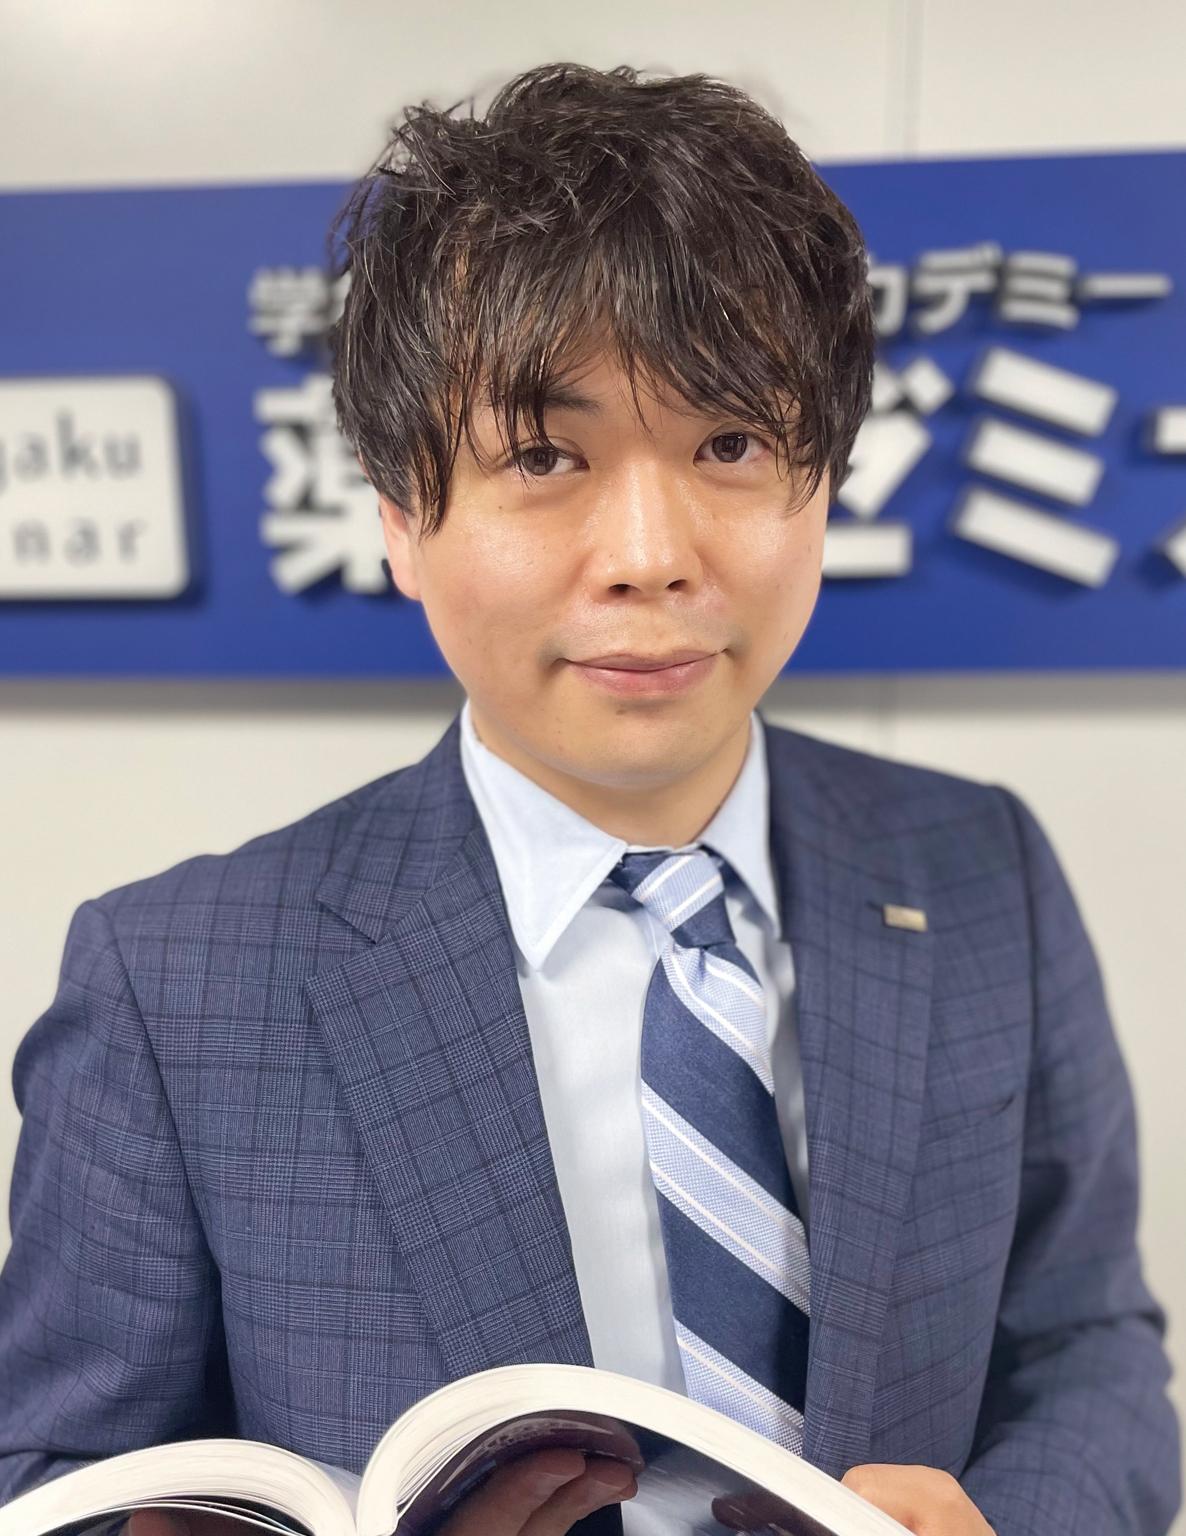 堀川 聡太